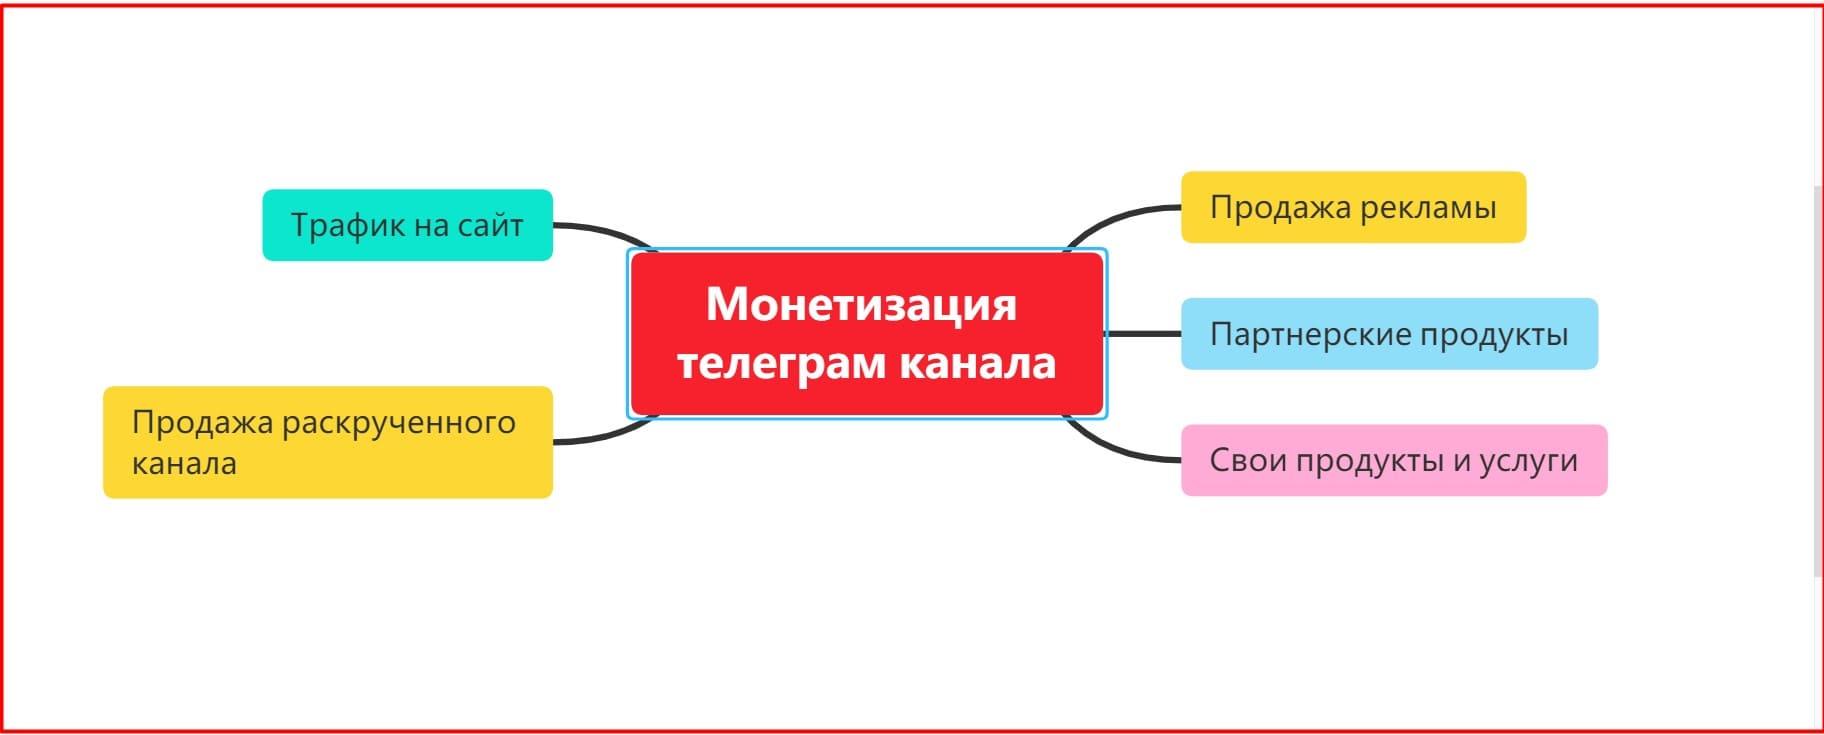 Монетизация телеграм канала